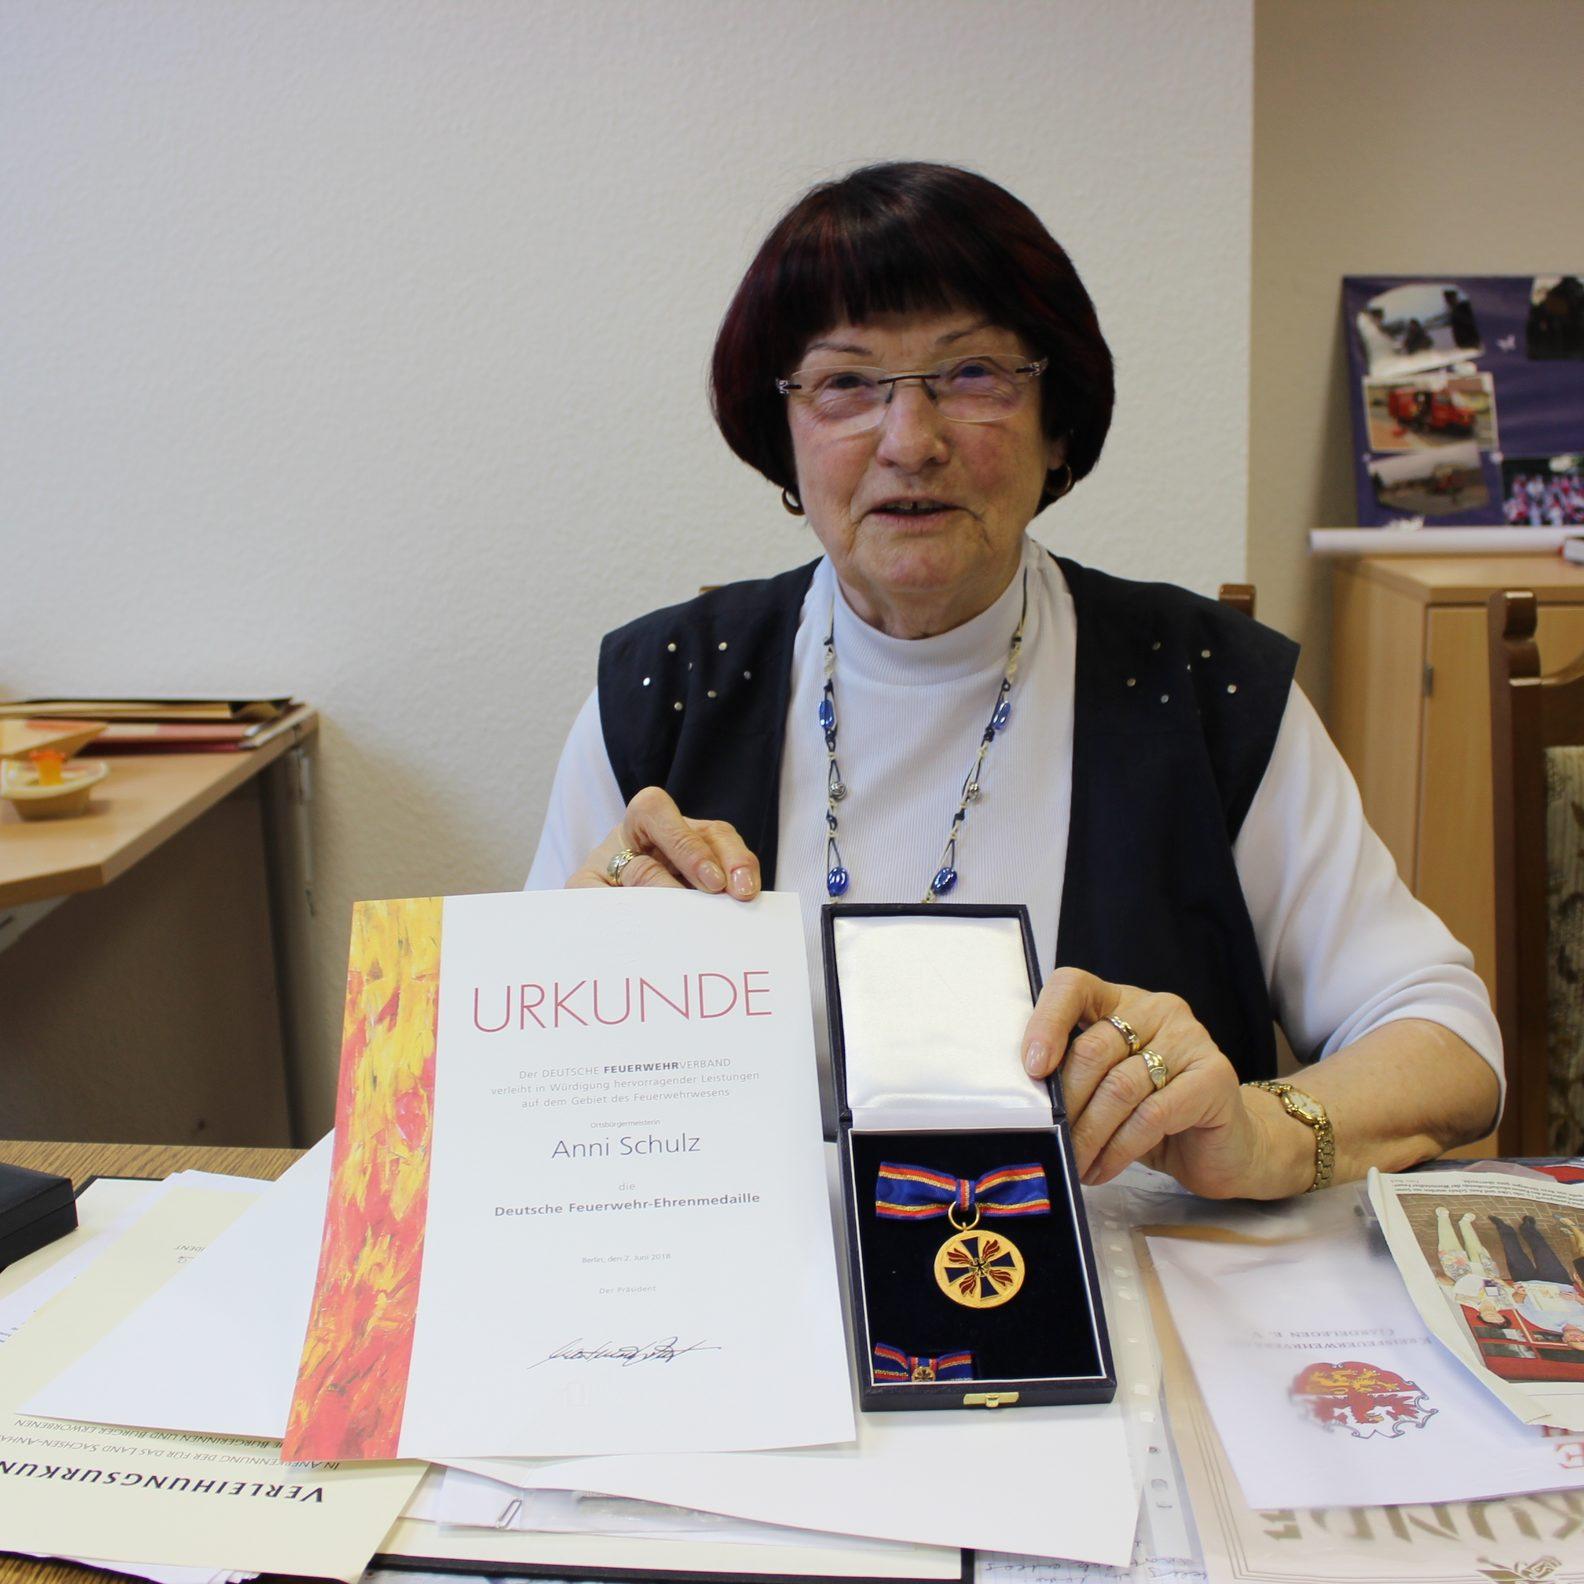 Anni Schulz